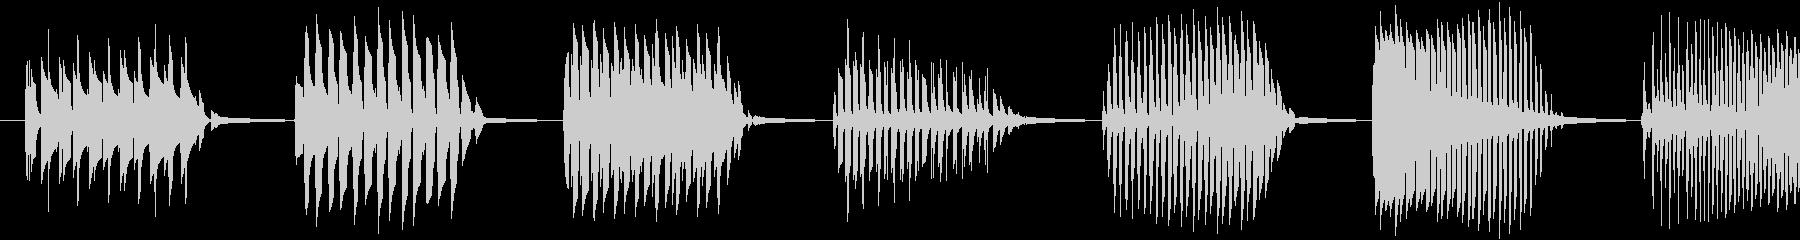 【クイズ】キレの良い出題音の未再生の波形